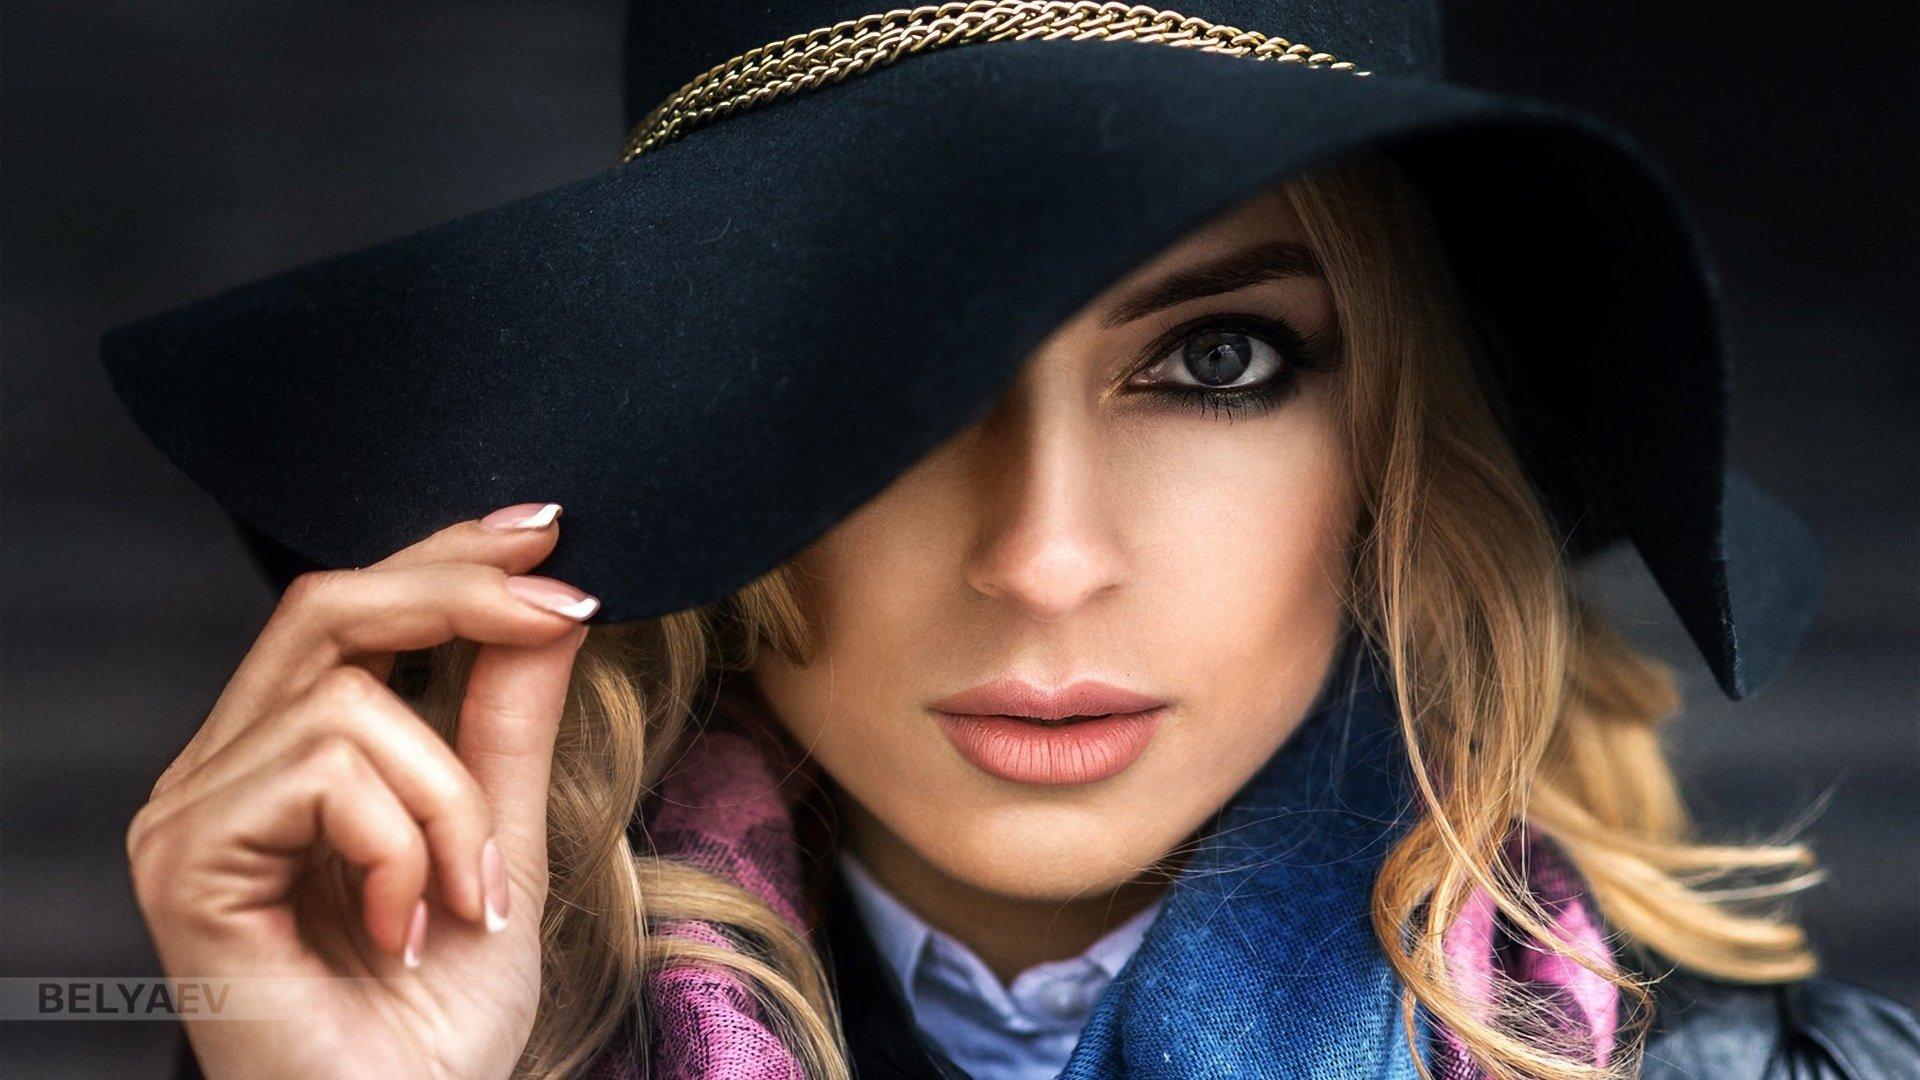 Картинки с модными девушками в шляпе